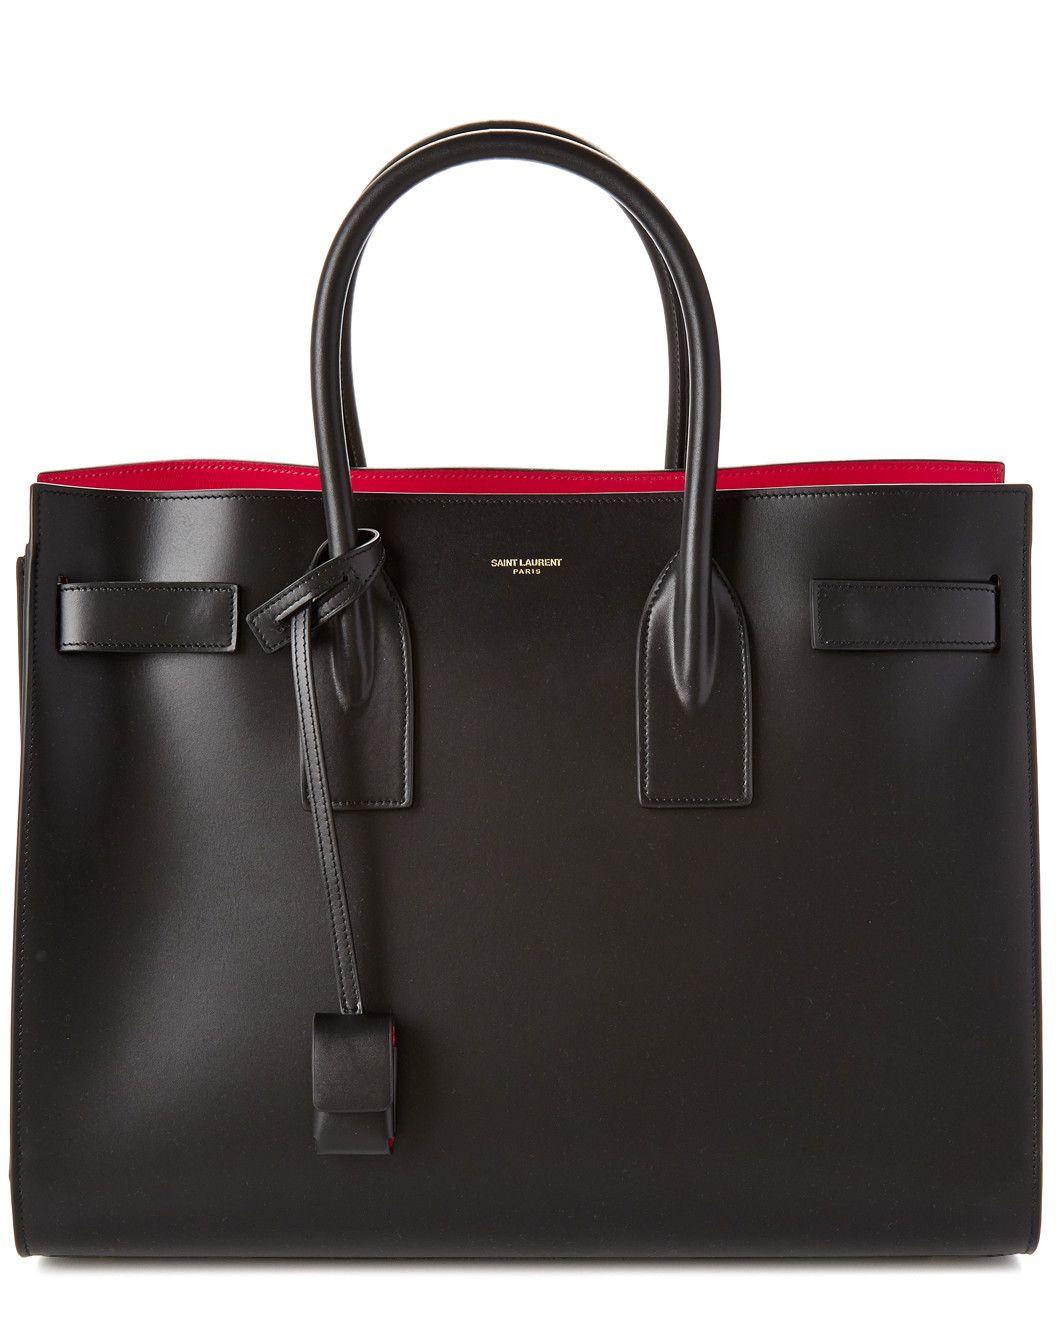 334d864e3c8e44 SAINT LAURENT - Saint Laurent Classic Nano Sac De Jour | Reebonz | Style in  2019 | Bags, Leather handbags, Fashion bags